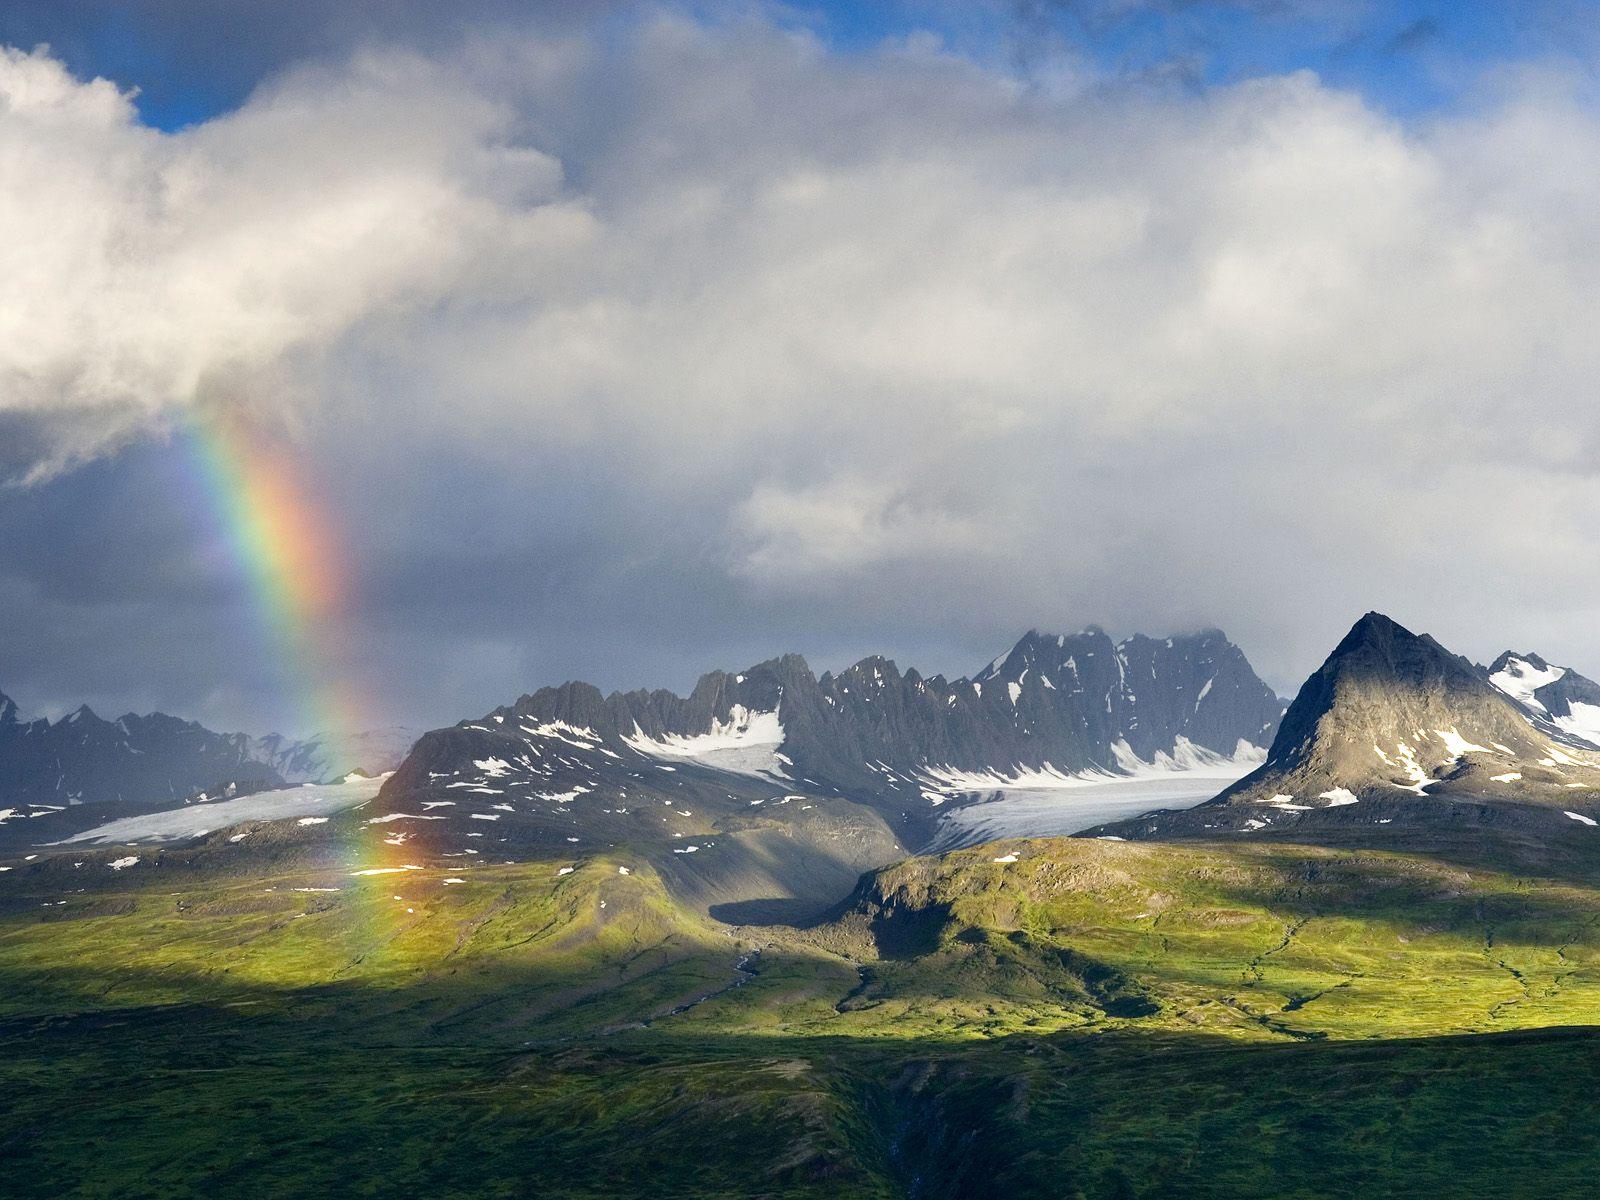 HD Wallpapers: Chugach Mountains Alaska Wallpaper